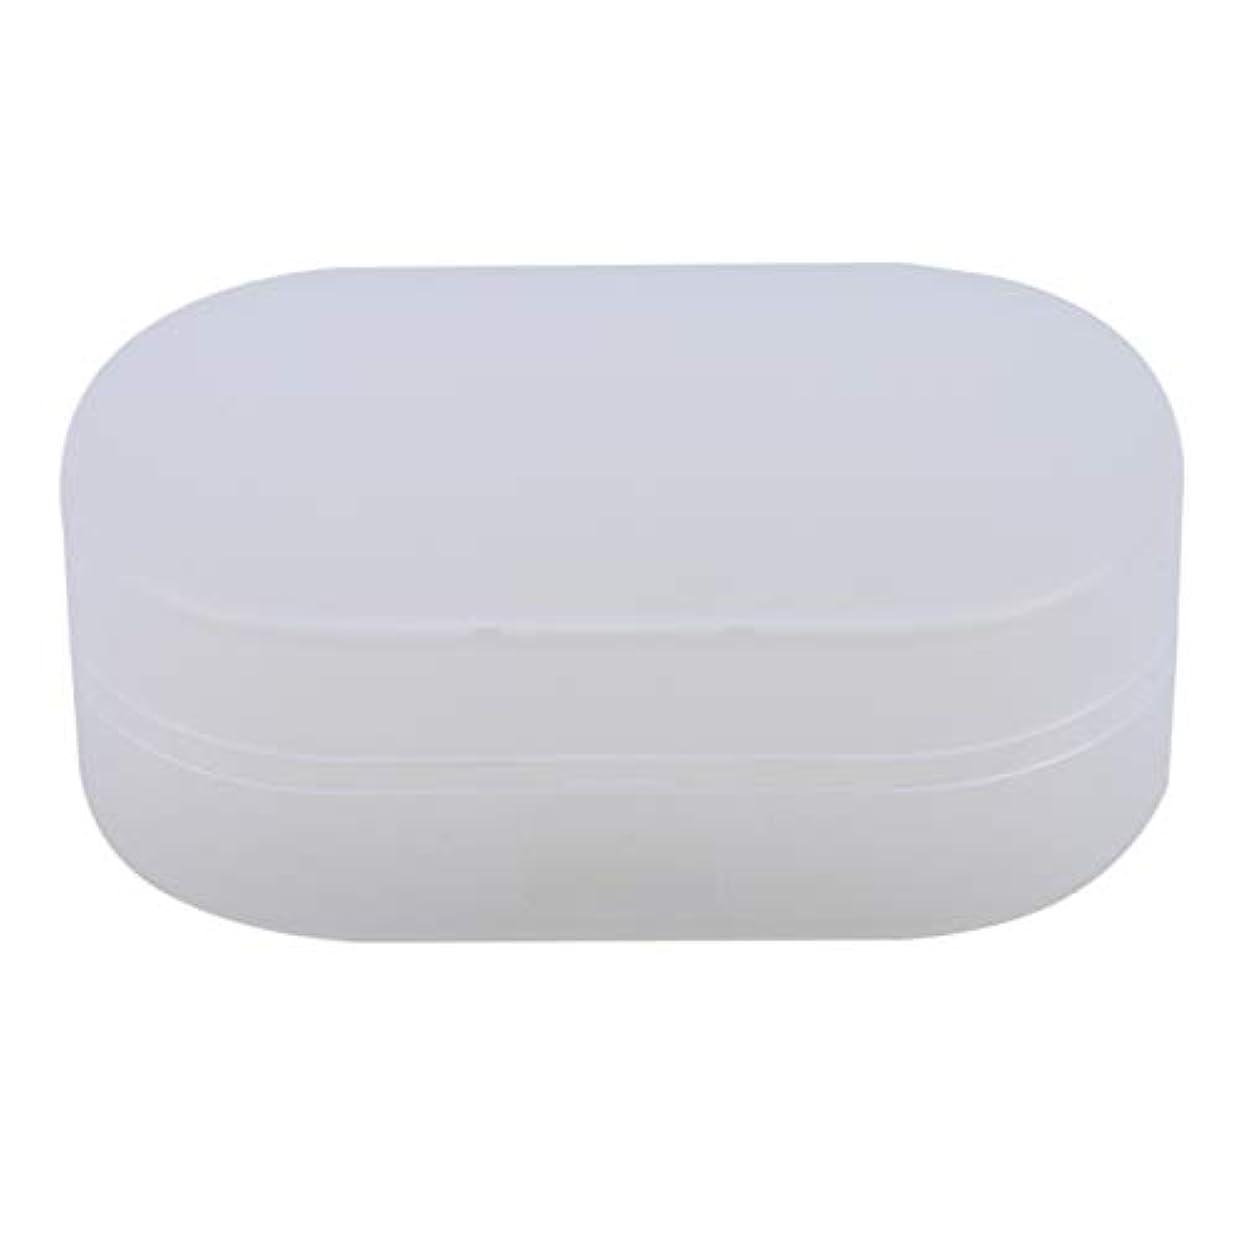 オーストラリア人クラス仮説ZALINGソープボックスホルダーソープディッシュソープセーバーケースコンテナ用バスルームキャンプホワイト